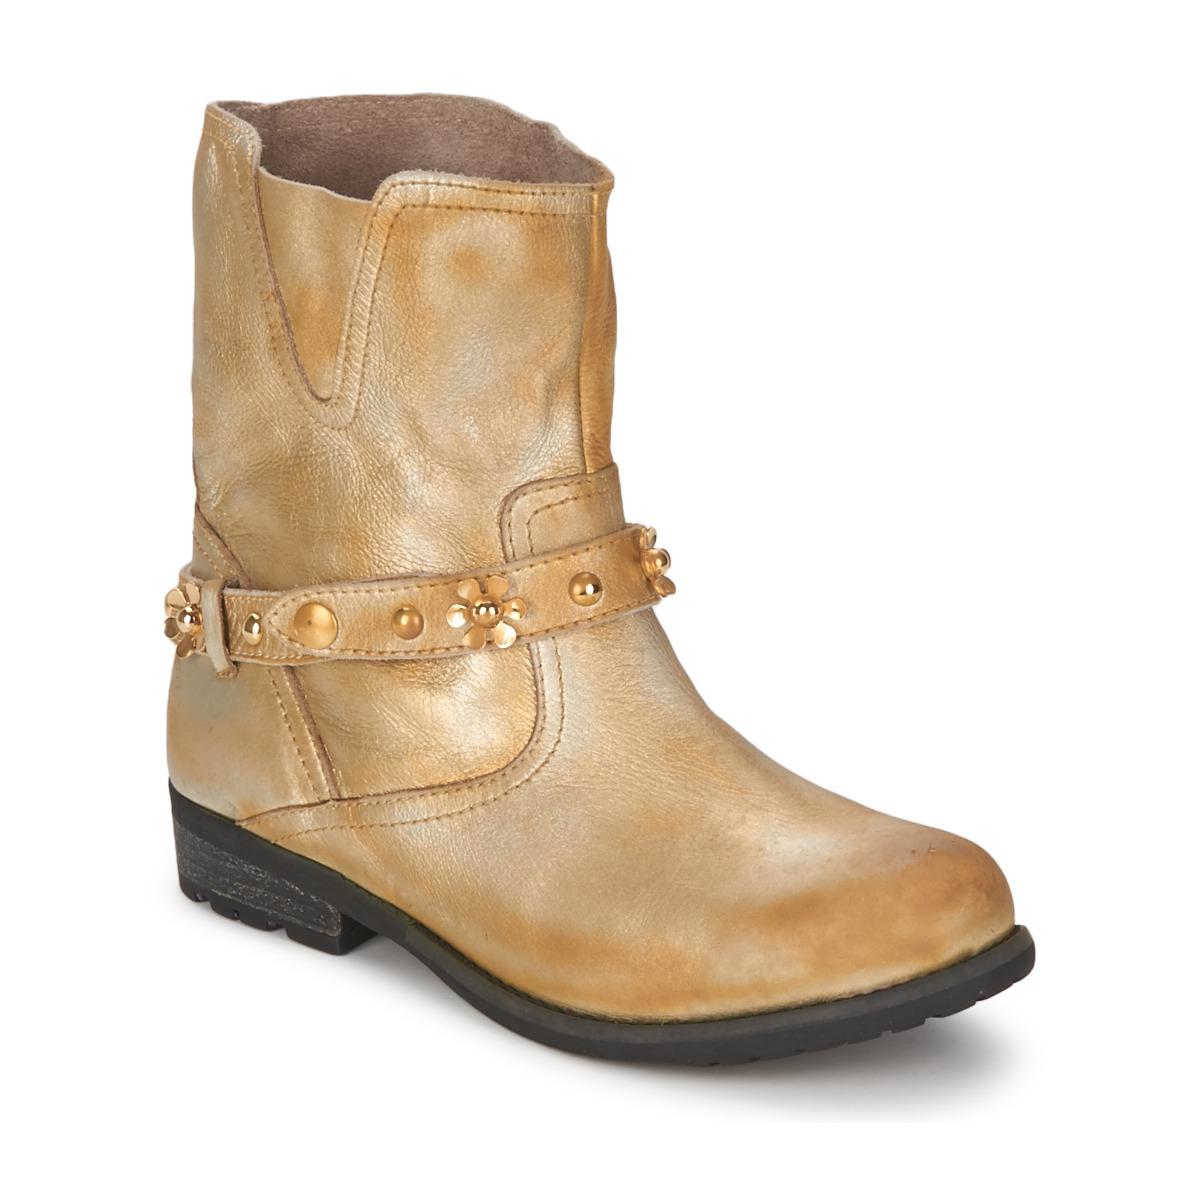 Moschino Cheap & CHIC CA21013 Gold - Kostenloser Versand bei Spartoode ! - Schuhe Boots Damen 231,00 €